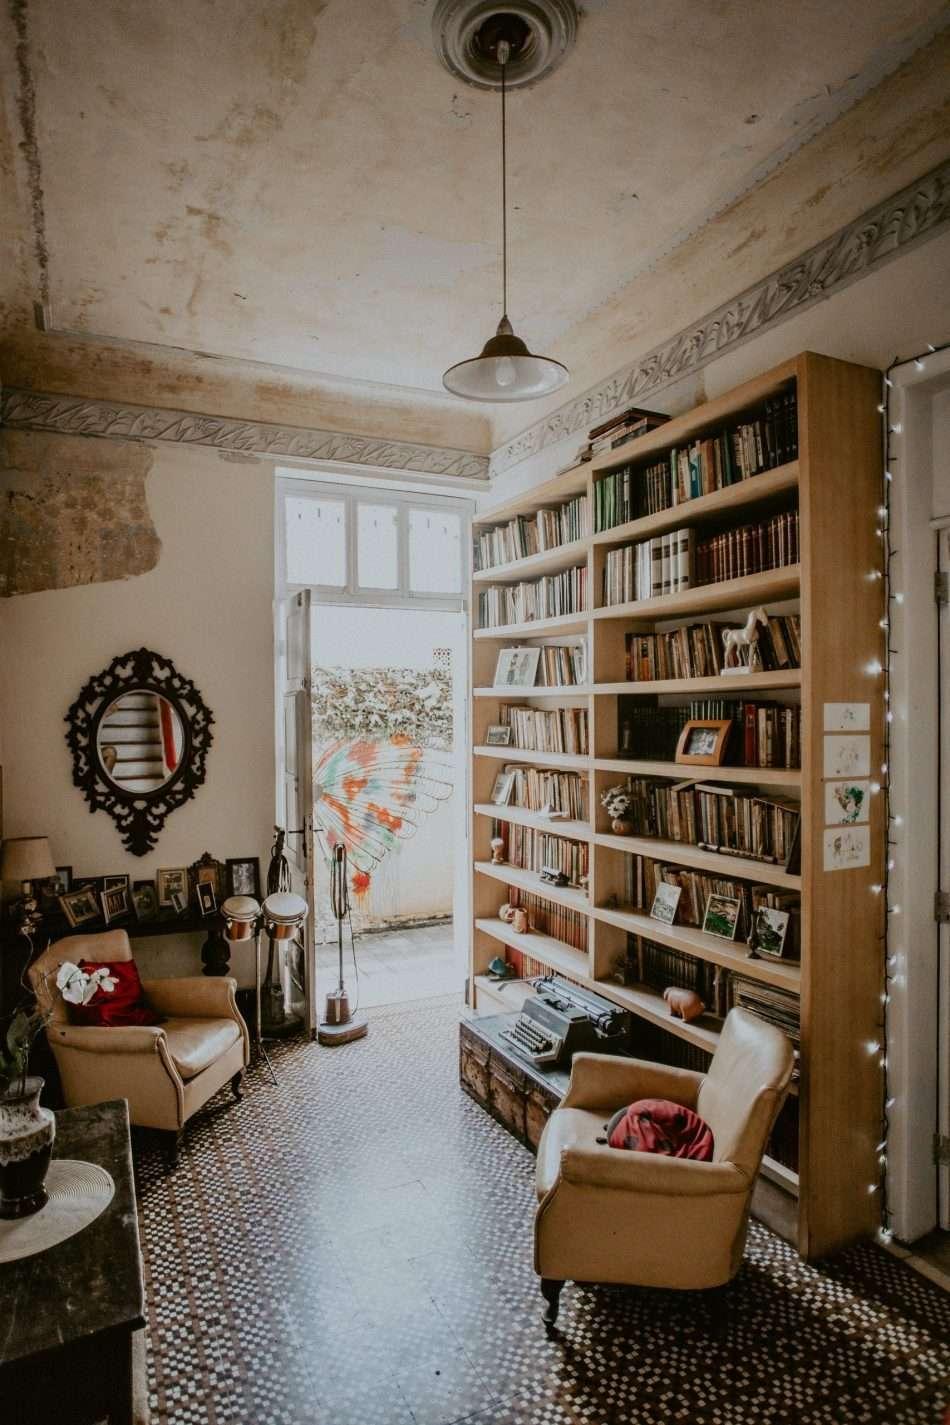 Un bella stanza, con una rcca biblioteca, comode poltrone e una luminosa finestra